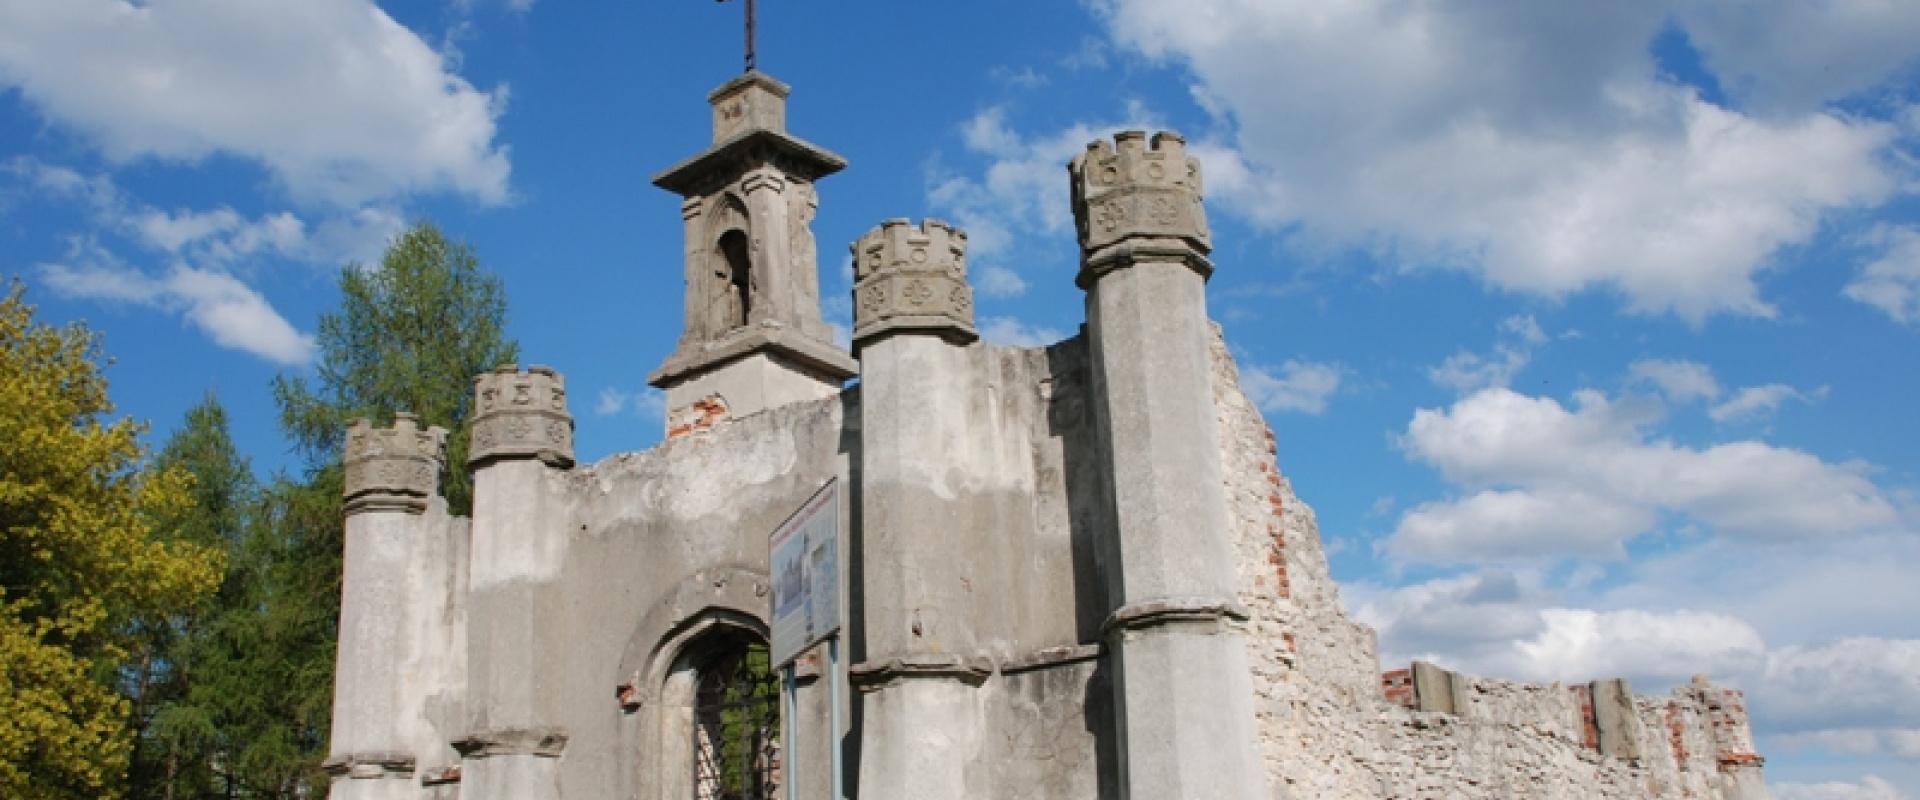 Kaplica Oraczewskich w Morawicy